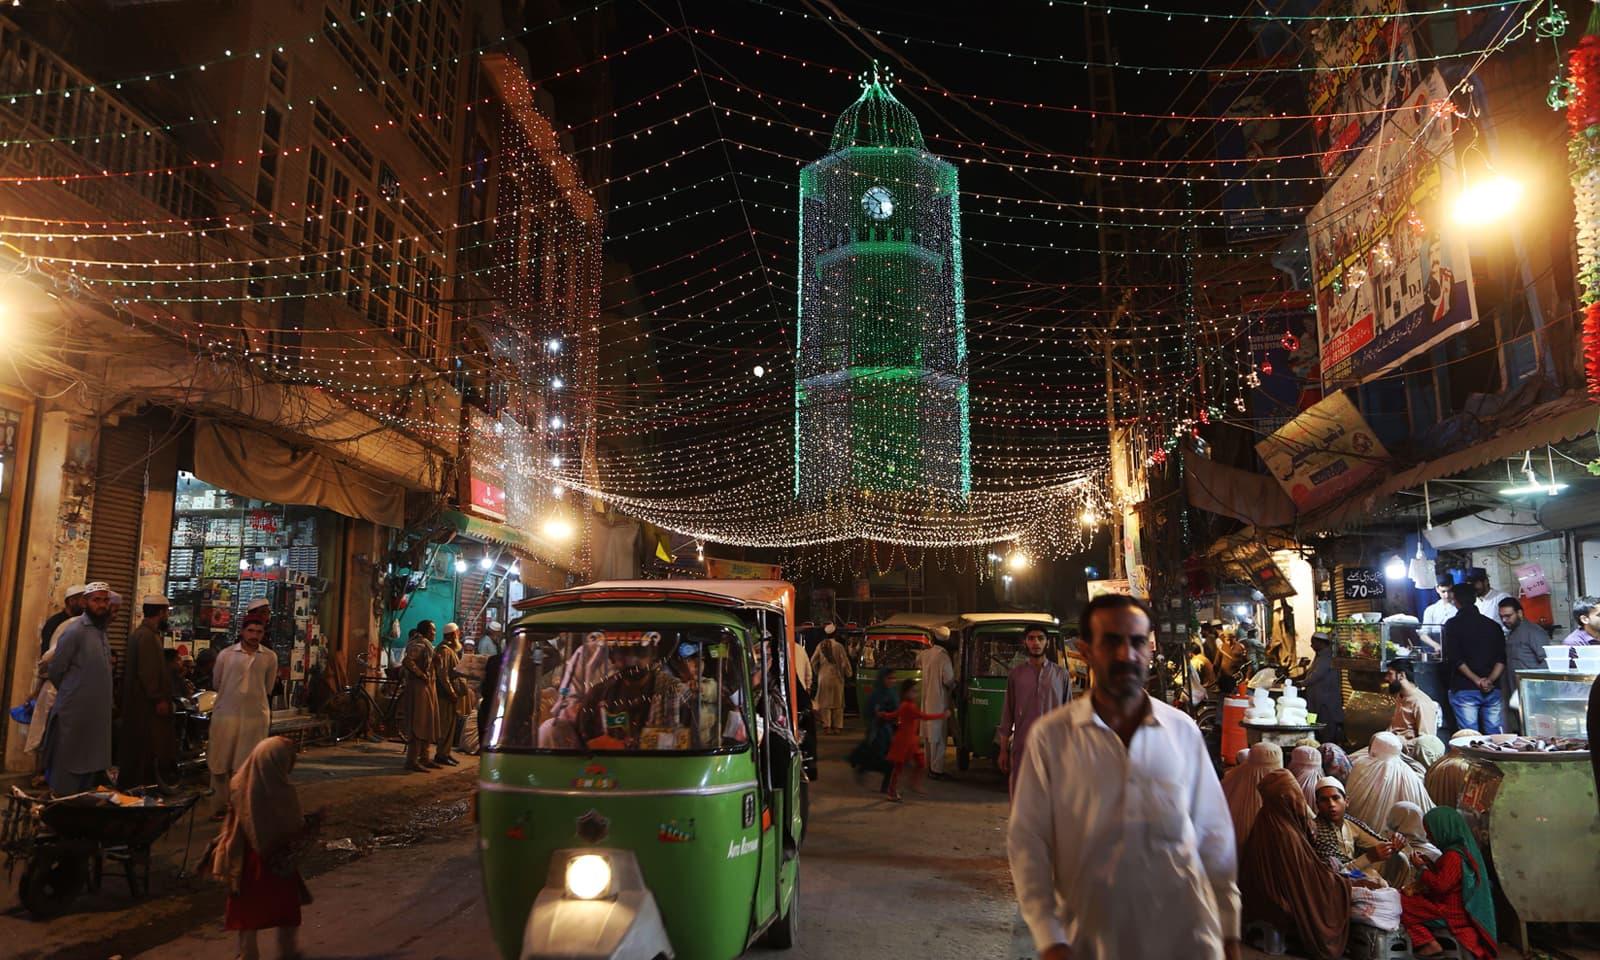 پشاور میں بھی عید میلادالنبیﷺ کے موقع پر علاقوں میں سجاوٹ کی گئی — فوٹو: اے ایف پی